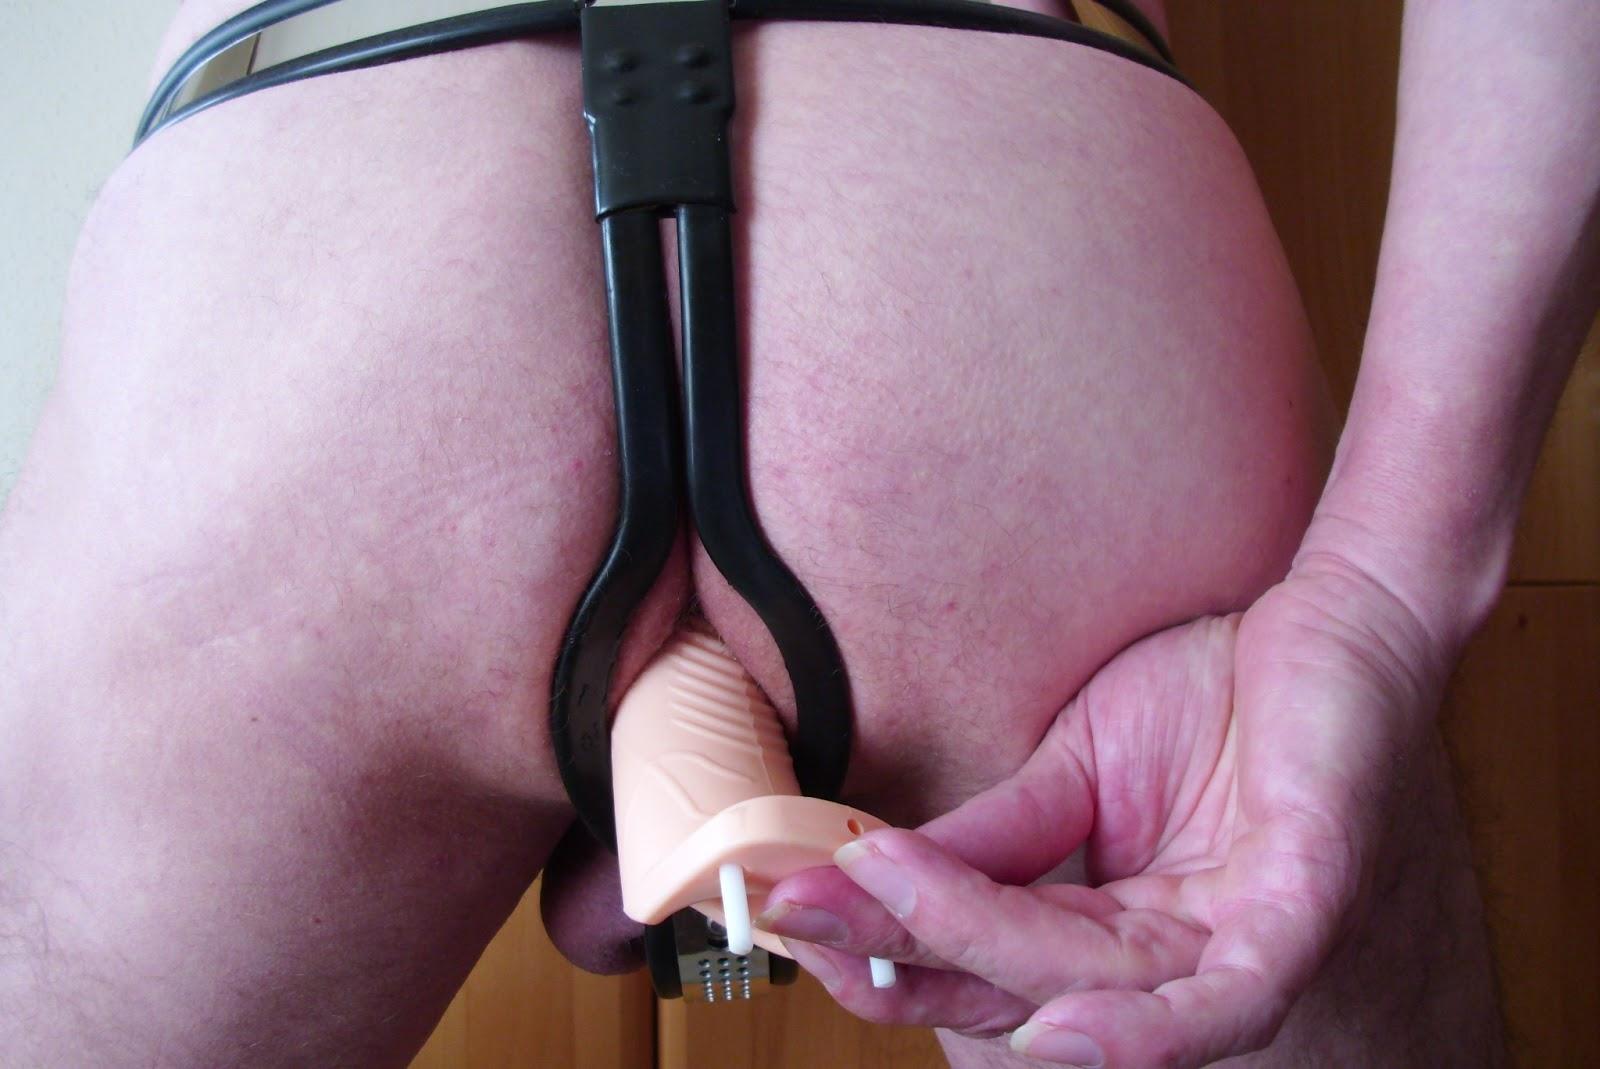 keuschhaltung des mannes sextreff bamberg